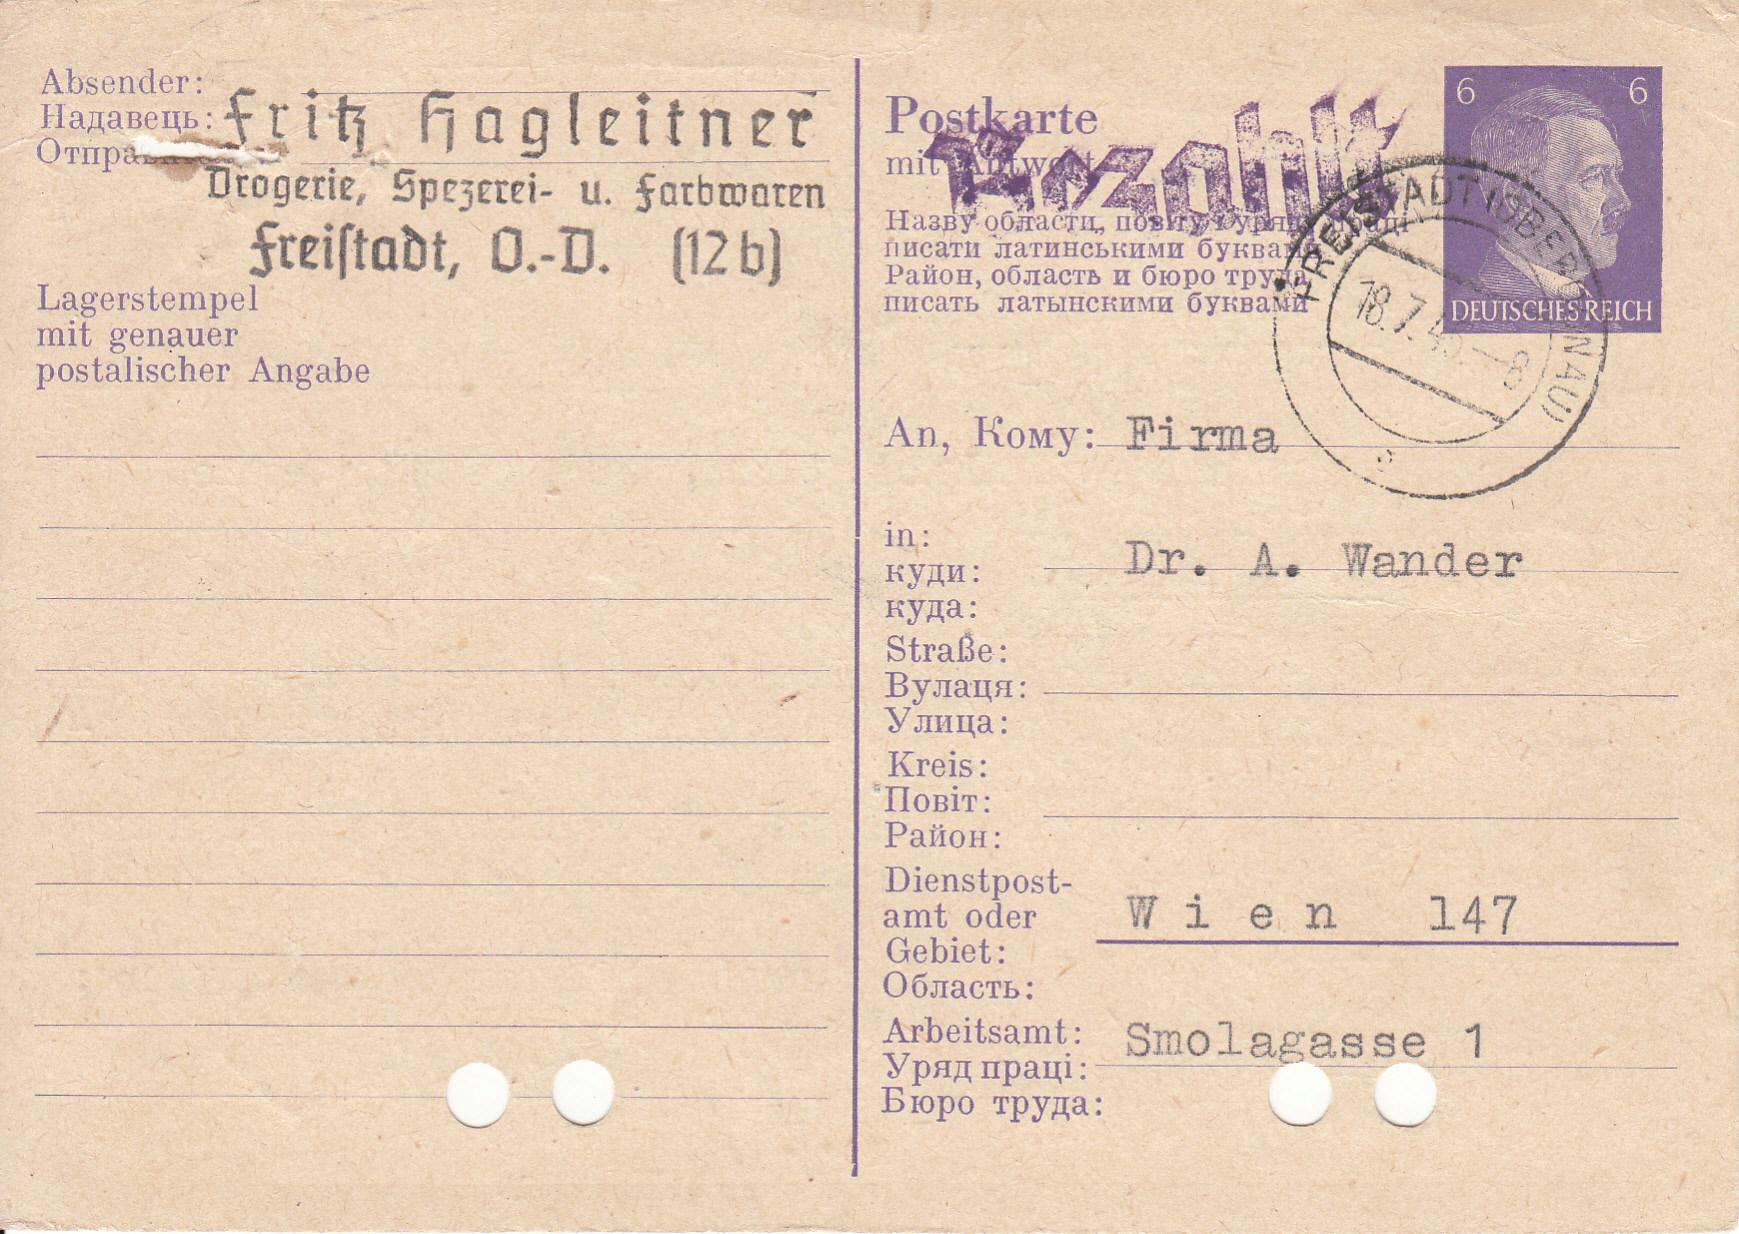 1945 - Notmaßnahmen und Provisorien bei Postkarten 1945-1948 - Seite 2 Img291